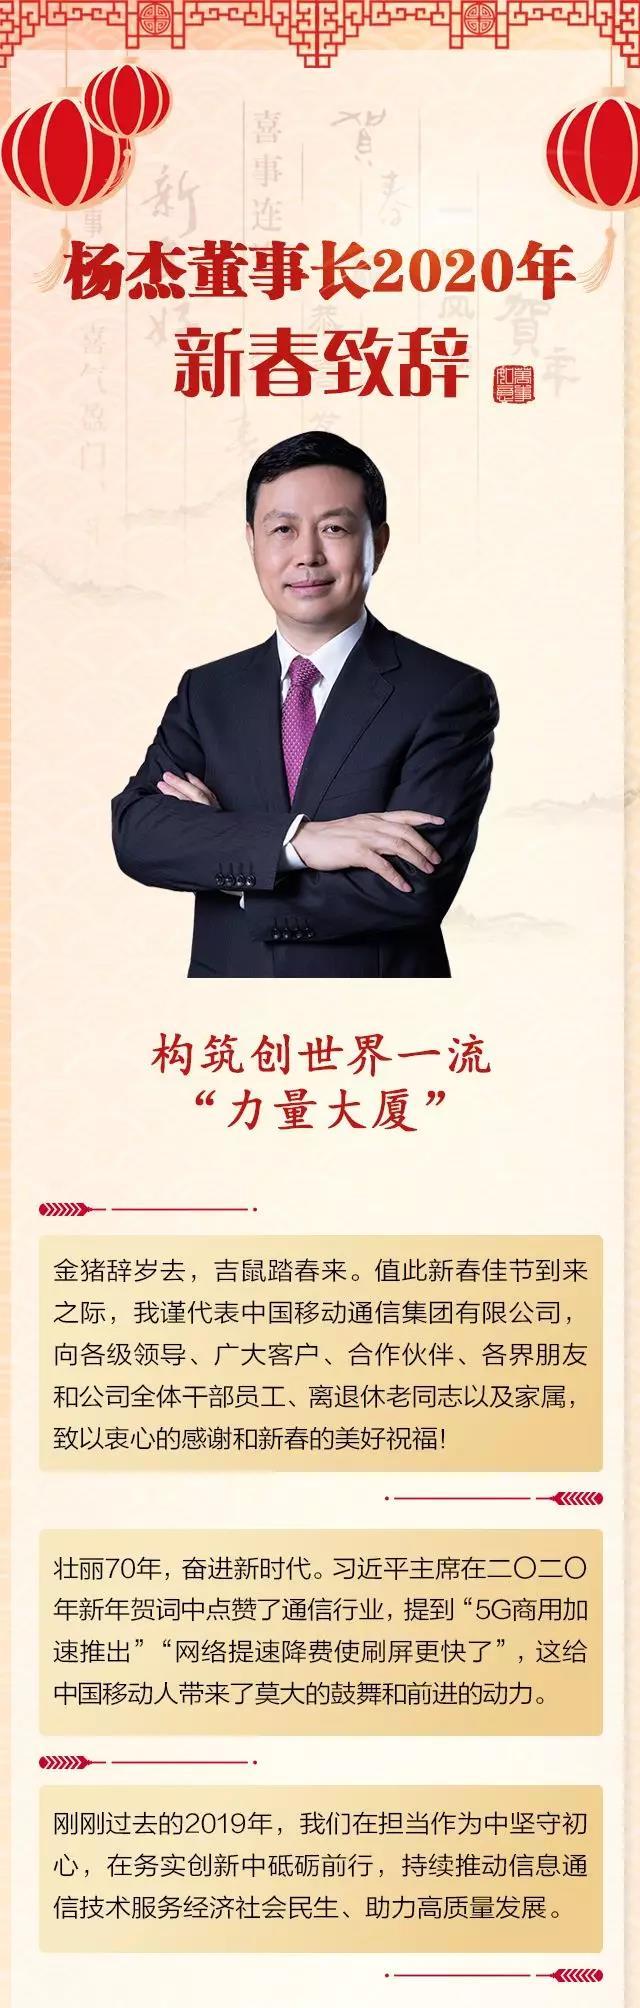 """中国移动董事长杨杰:构筑创世界一流""""力量大厦"""""""